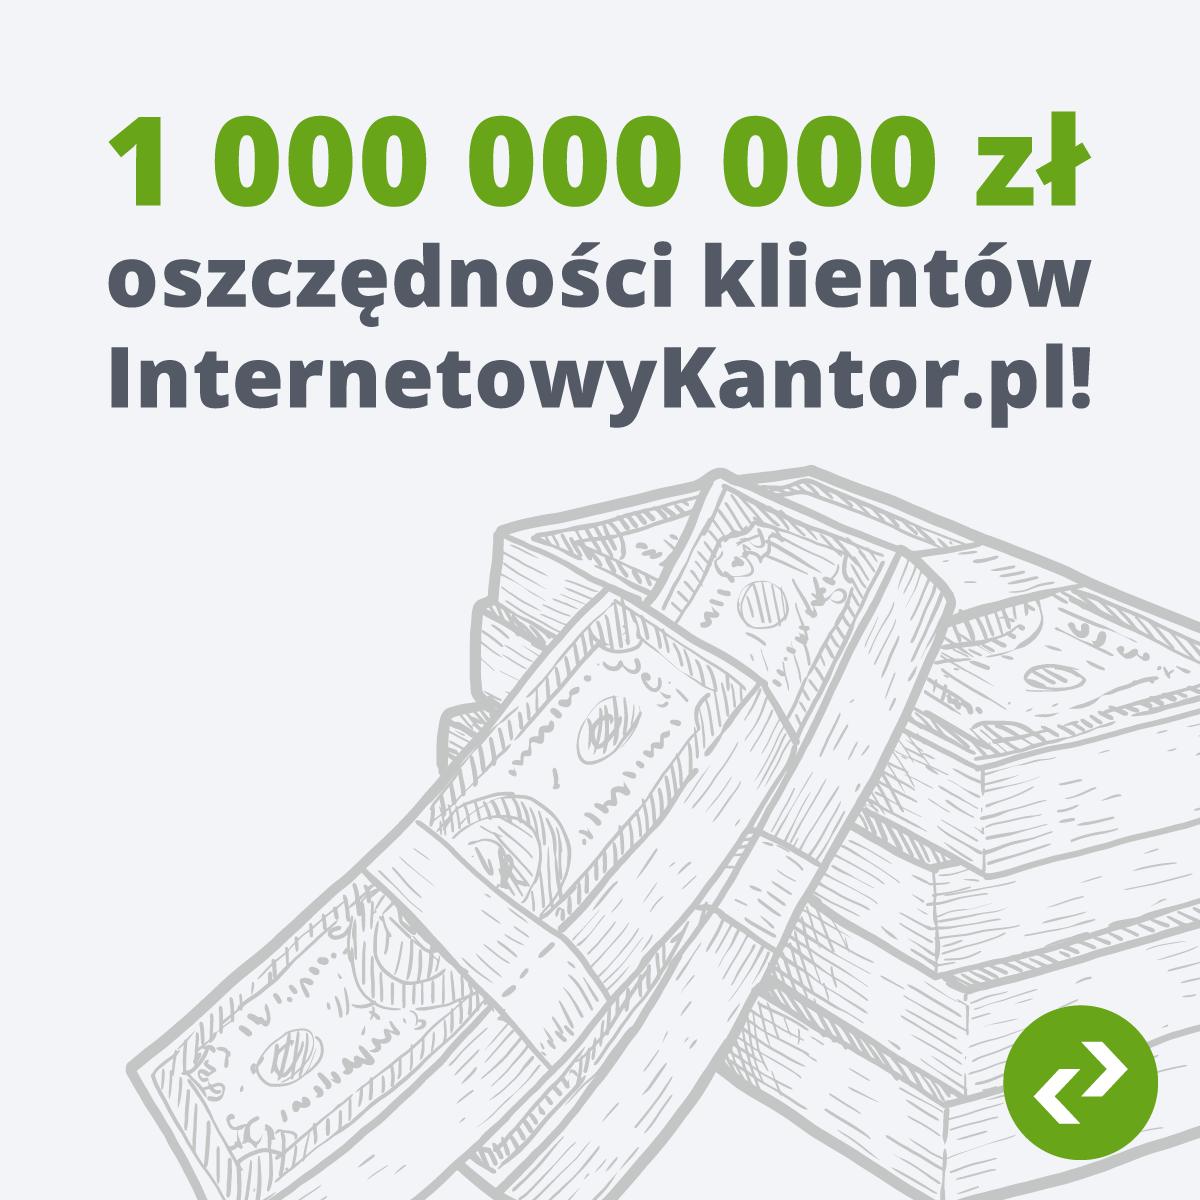 1 miliard oszczędności